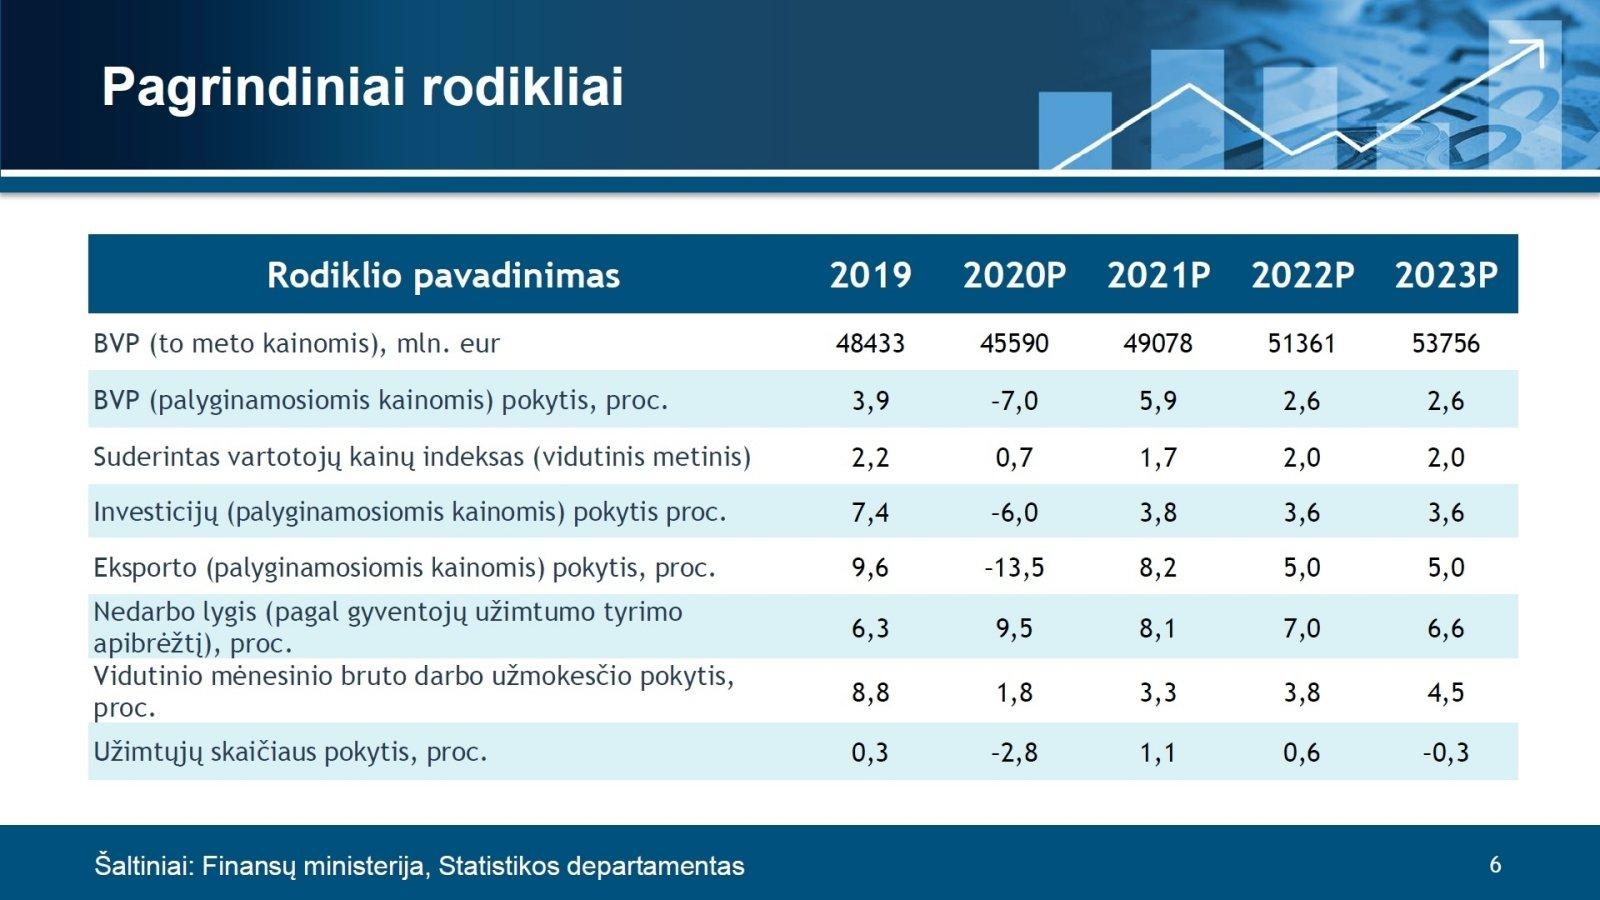 prekybos ekonomikos rusijos rodikliai